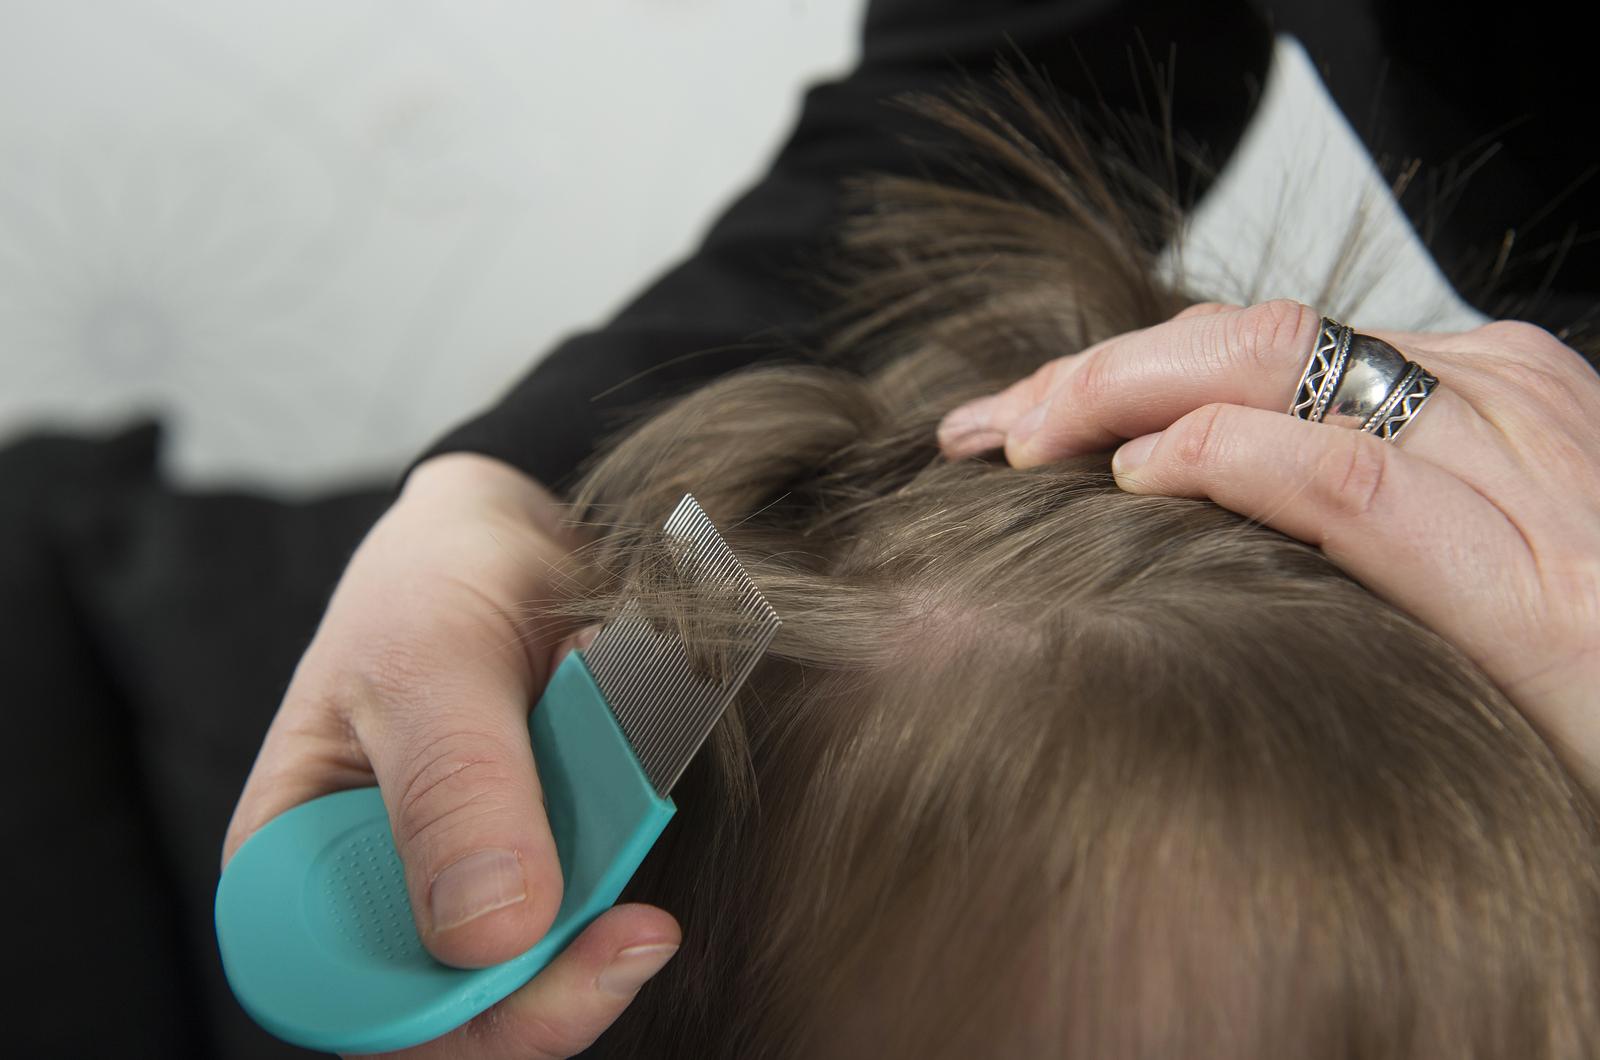 Вши на волосах у ребенка фото